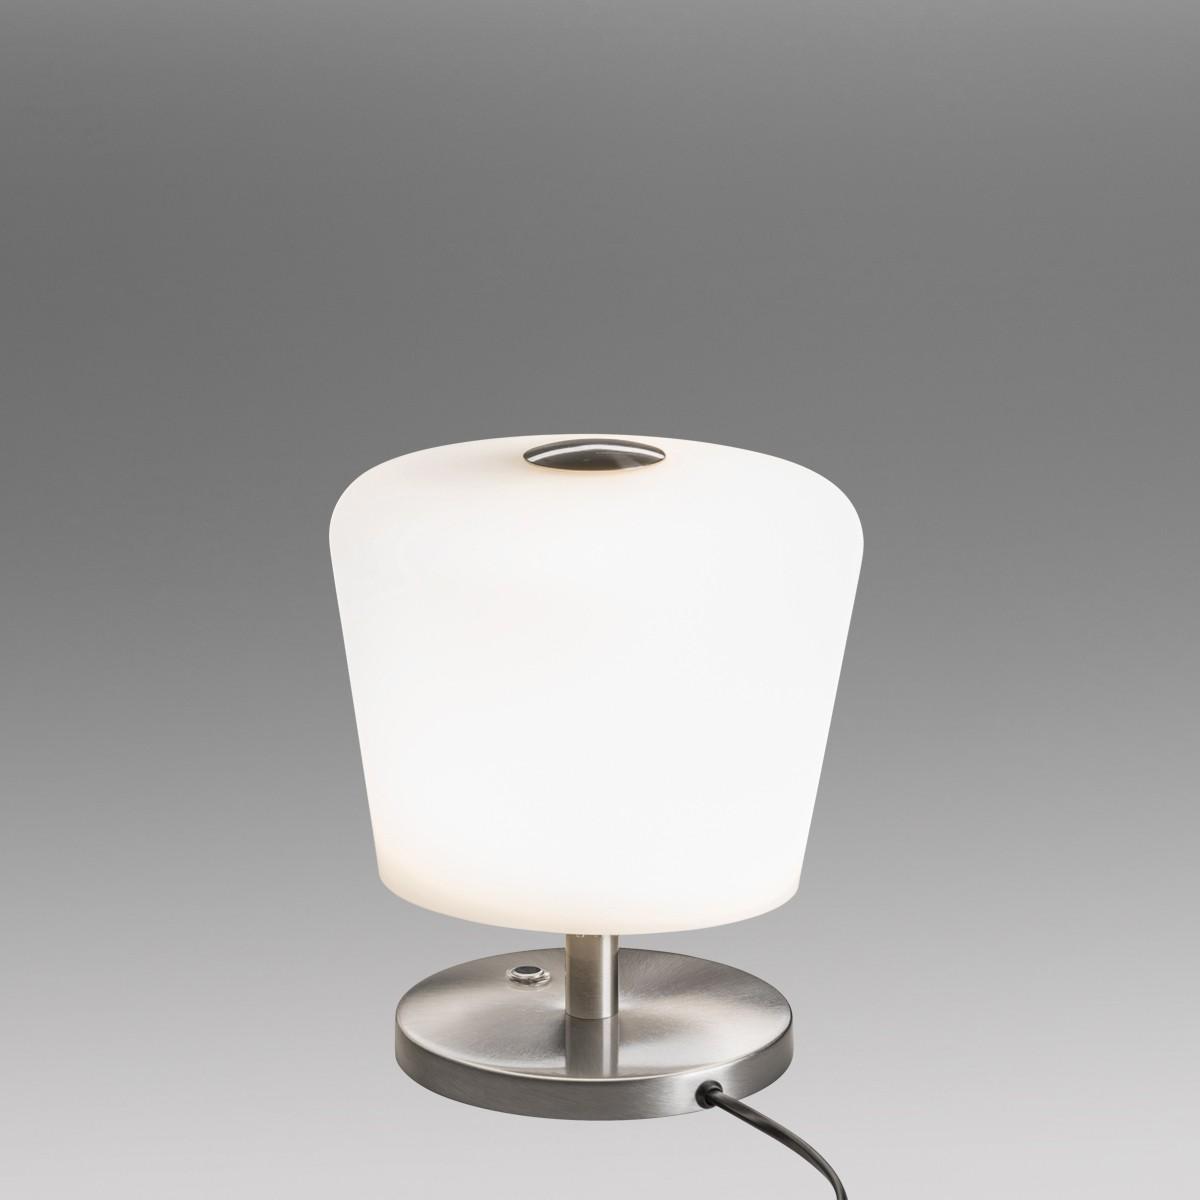 Lupia Licht Touch Tischleuchte, Höhe: 22 cm, Nickel matt